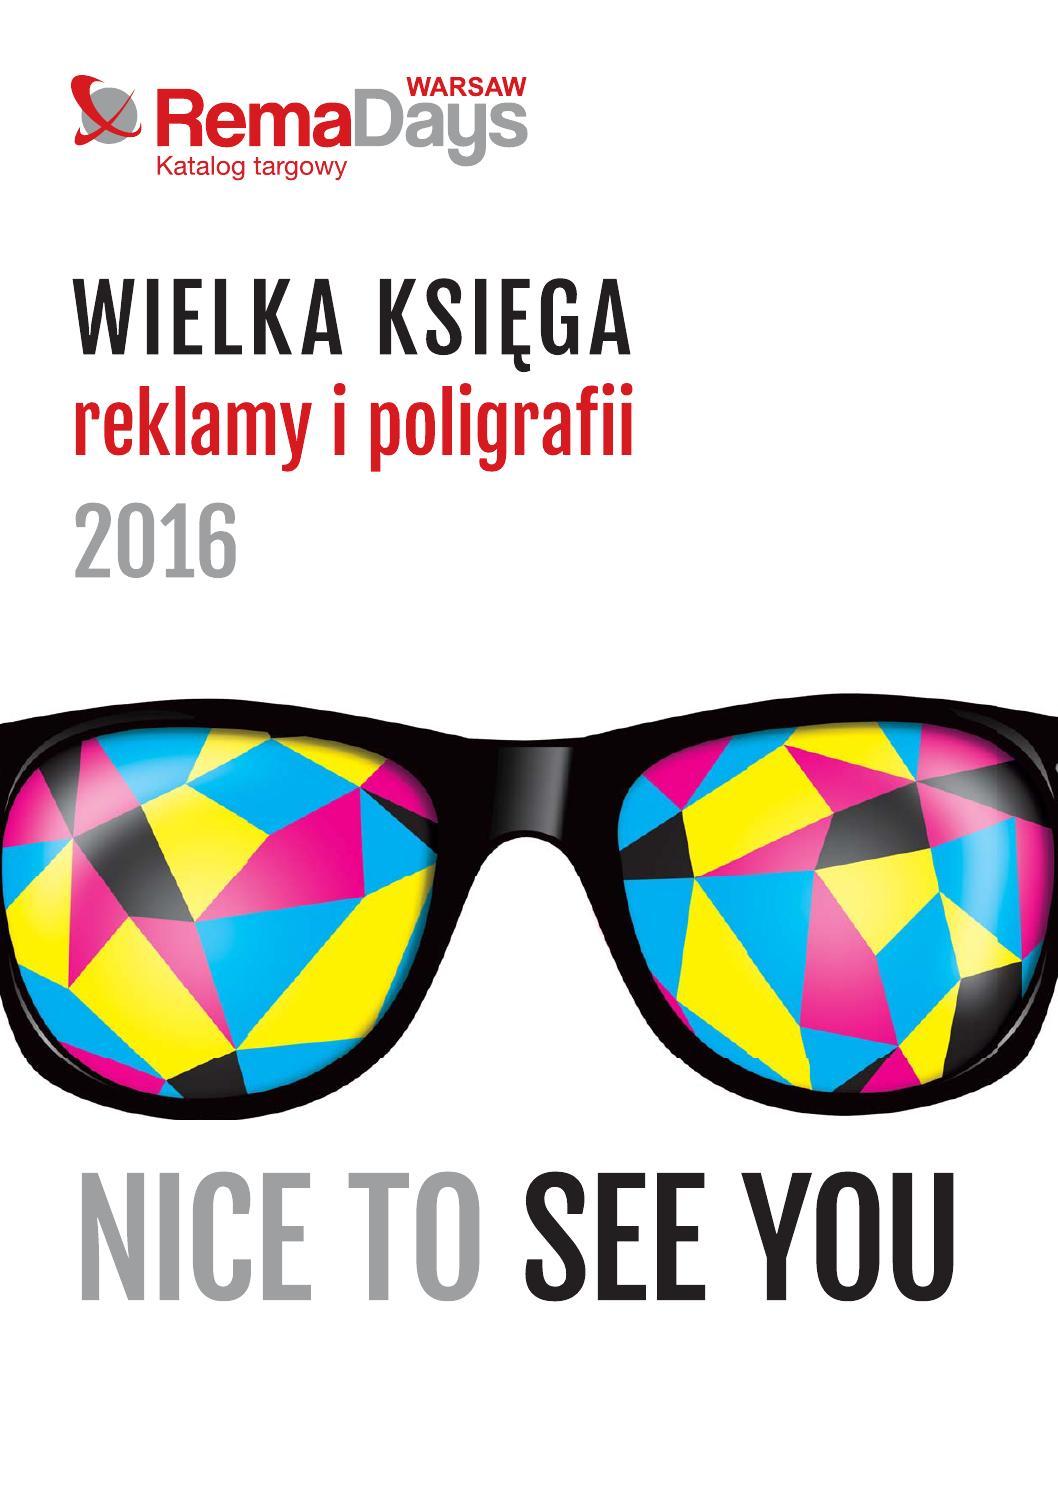 Wielka Księga Reklamy I Poligrafii 2016 By Gjc International